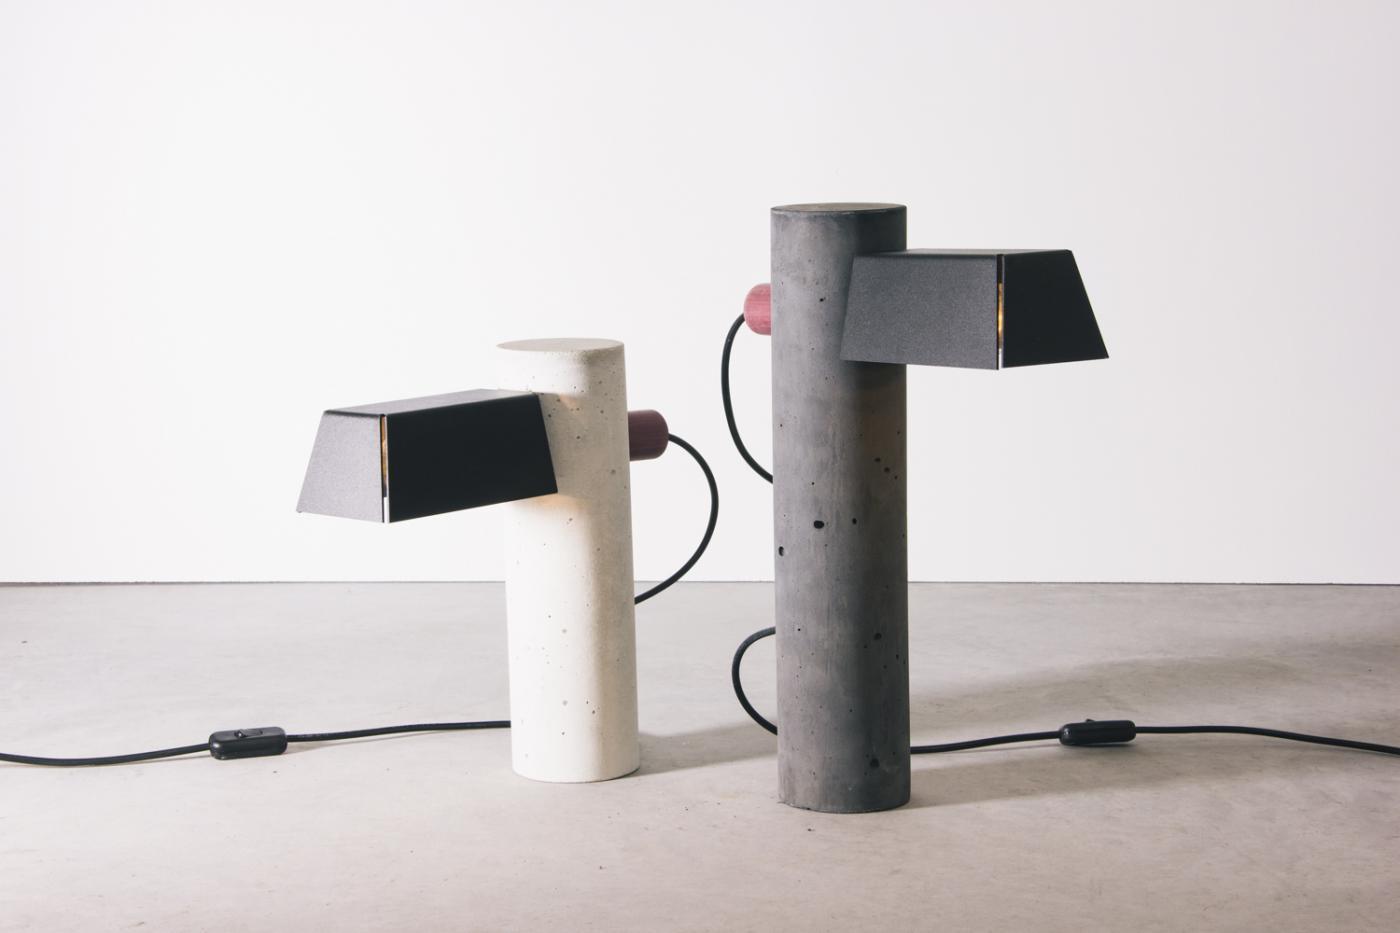 4854-luminaria-pilar-branca-tomada-5-1400